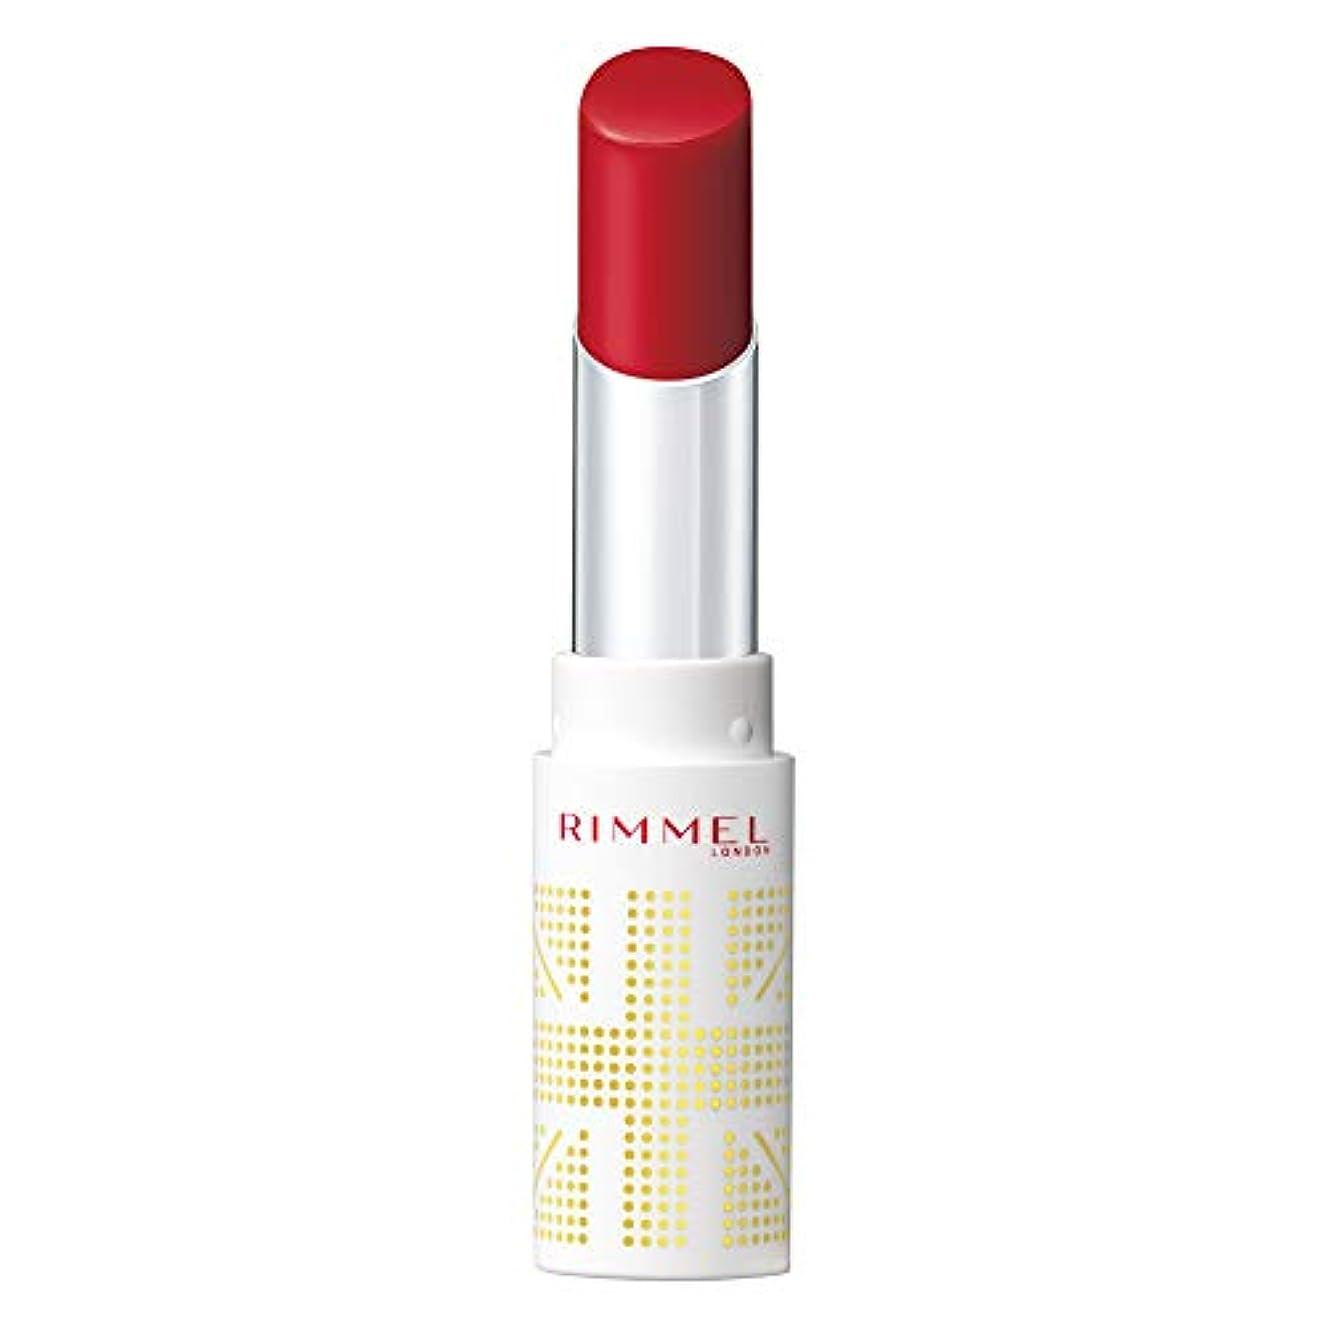 詳細にプラス相互接続Rimmel (リンメル) リンメル ラスティングフィニッシュ オイルティントリップ 003 クラシカルレッド 3.8g 口紅